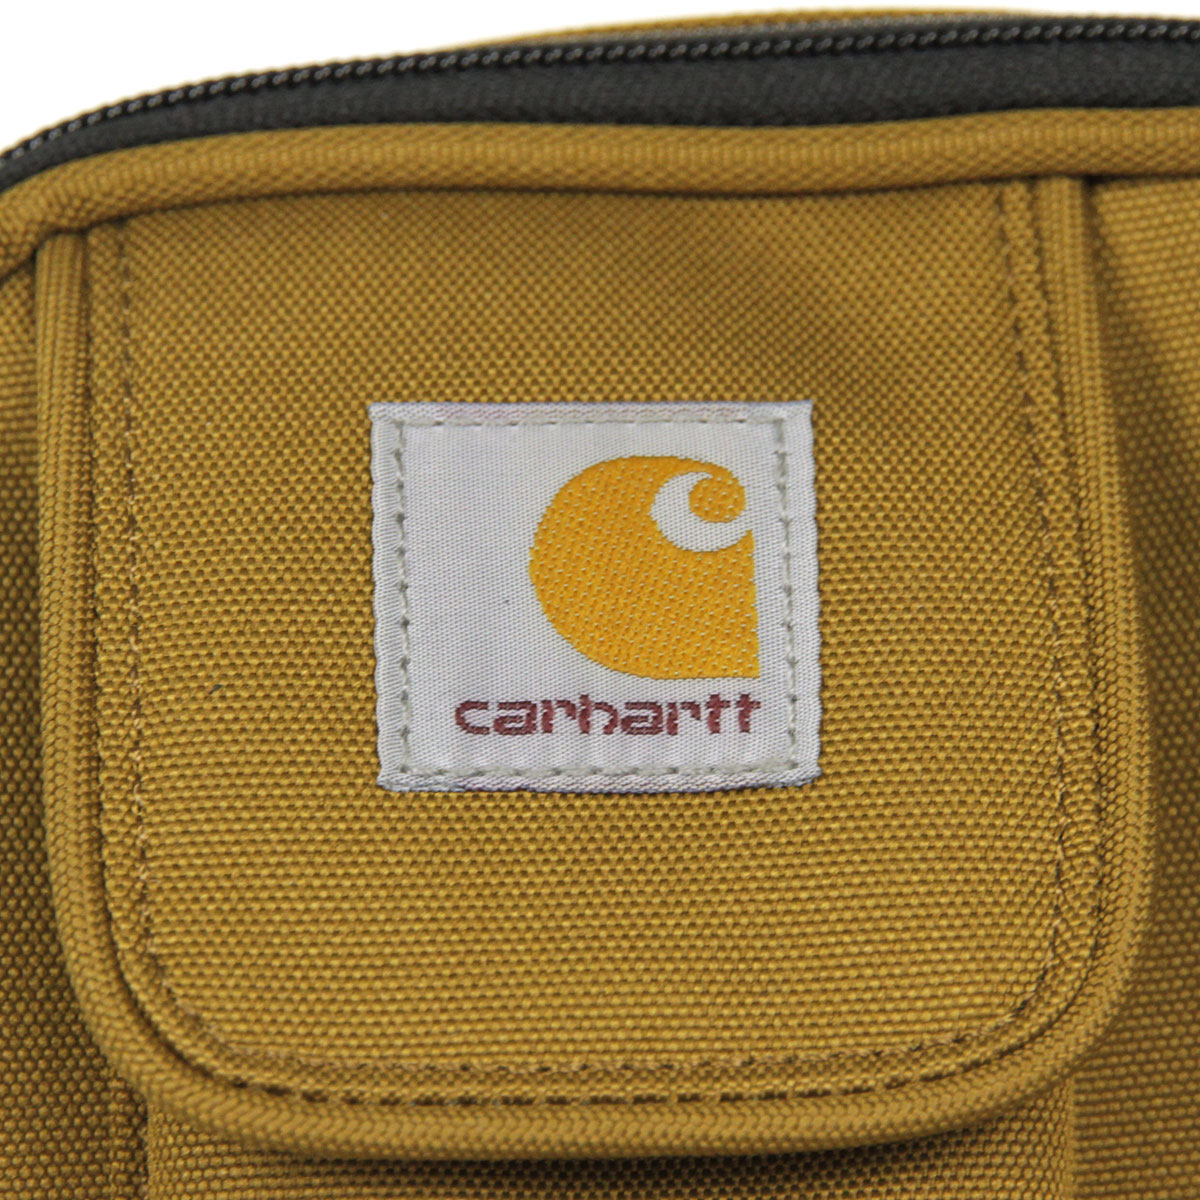 カーハート ショルダーバッグ 正規品 CARHARTT WIP ショルダーバッグ ESSENTIALS BAG SMALL HAMILTON BROWN i006285-hz90 AB0B B3C C8D D4E E04F